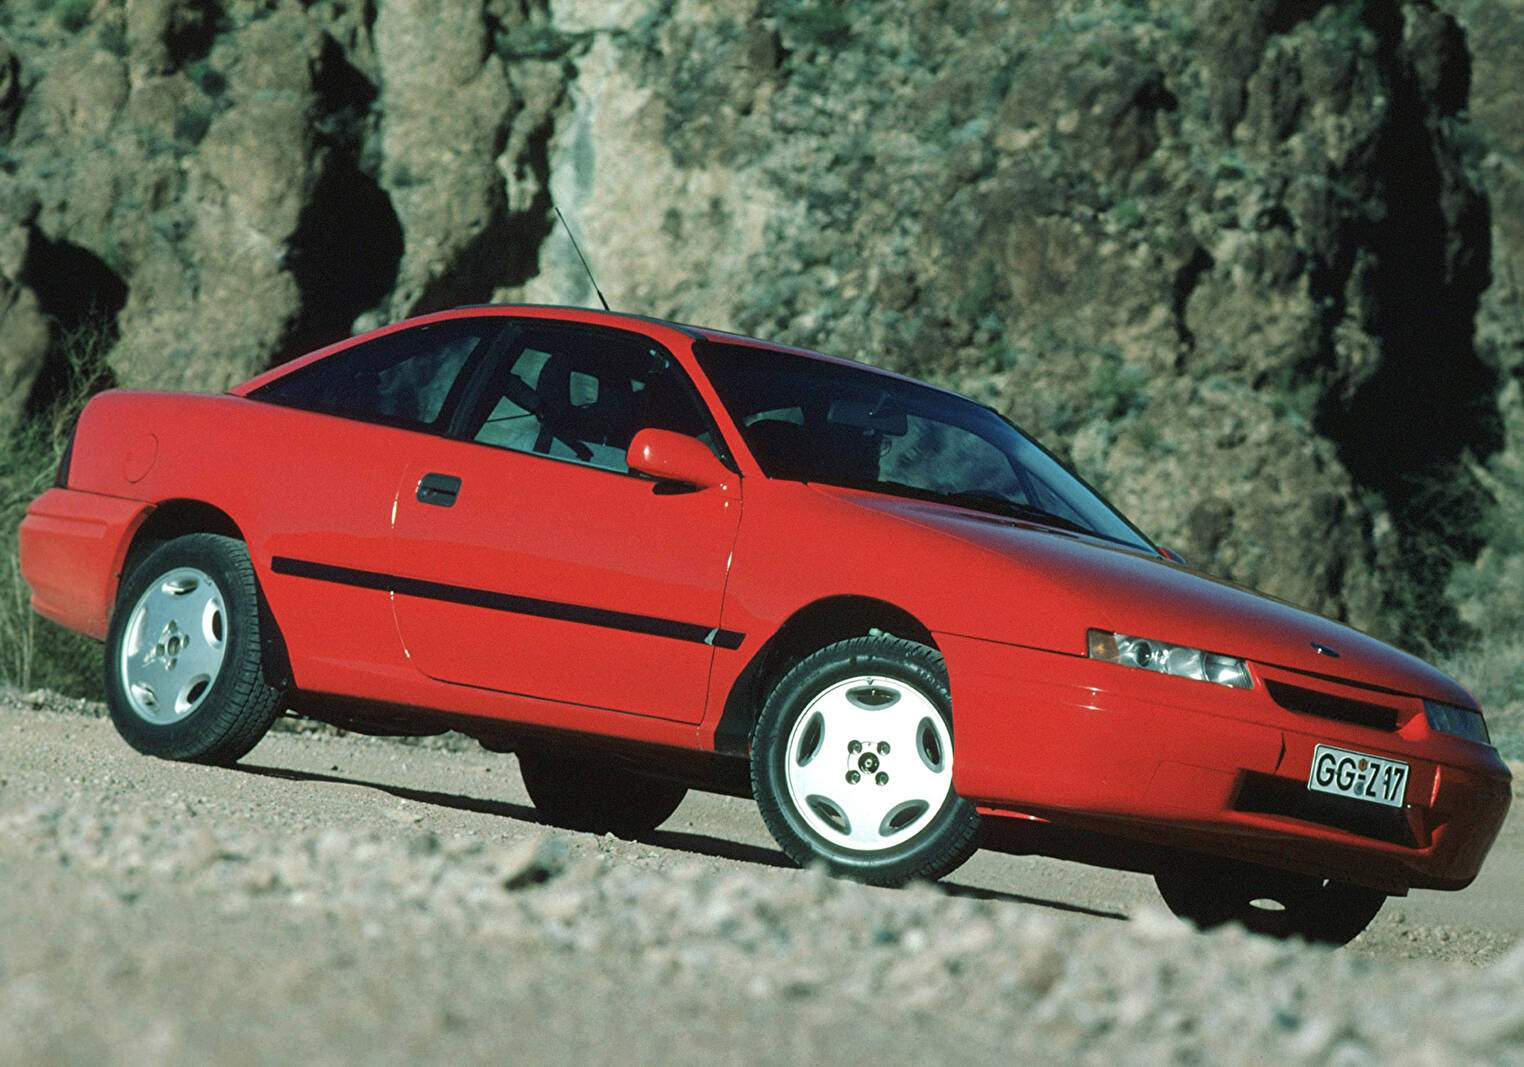 Opel Calibra 2.0 16v (1990-1994),  ajouté par fox58